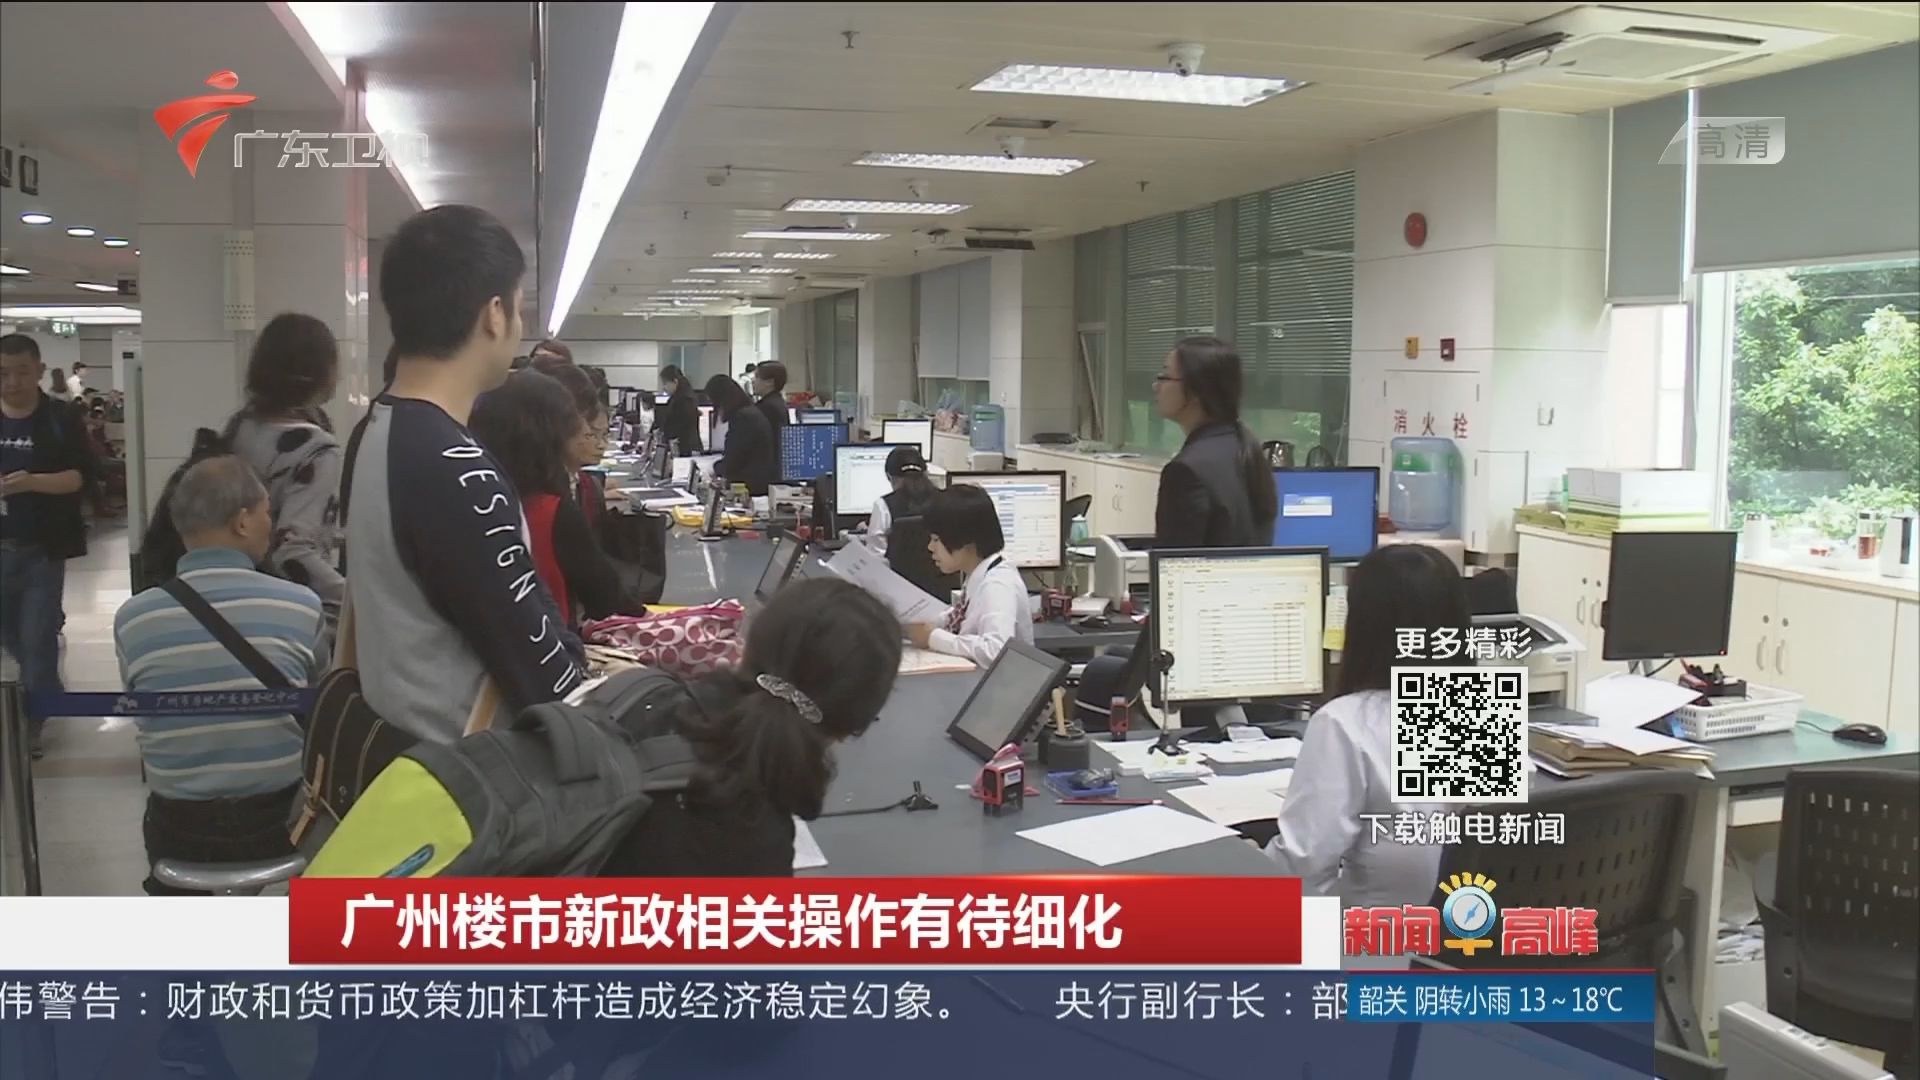 广州楼市新政相关操作有待细化